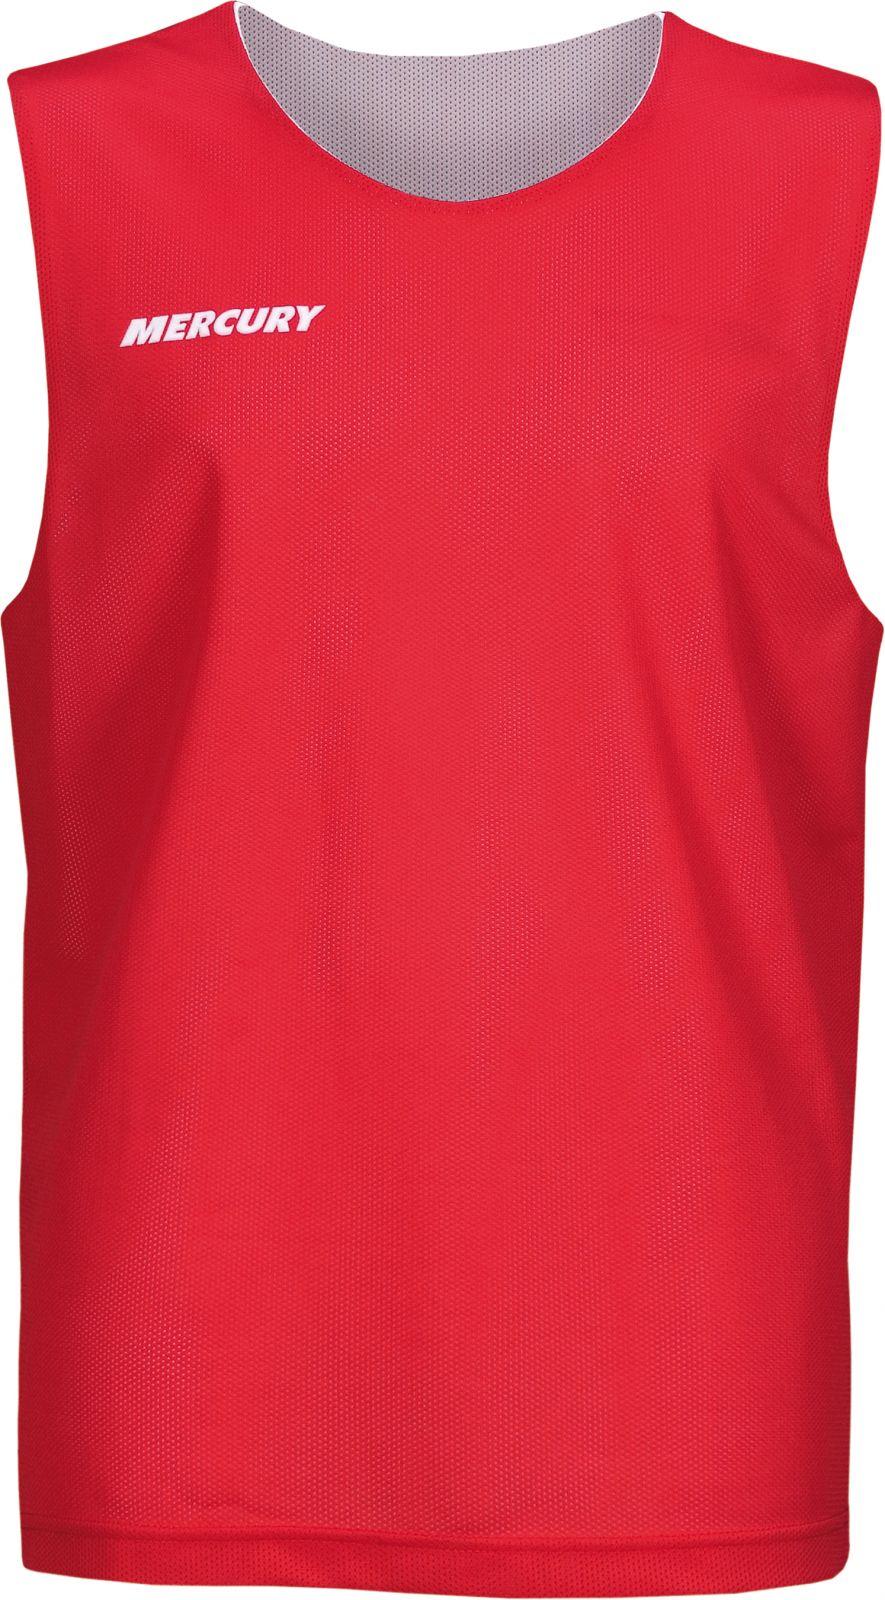 Camiseta Mercury Texas MECBAK-0402